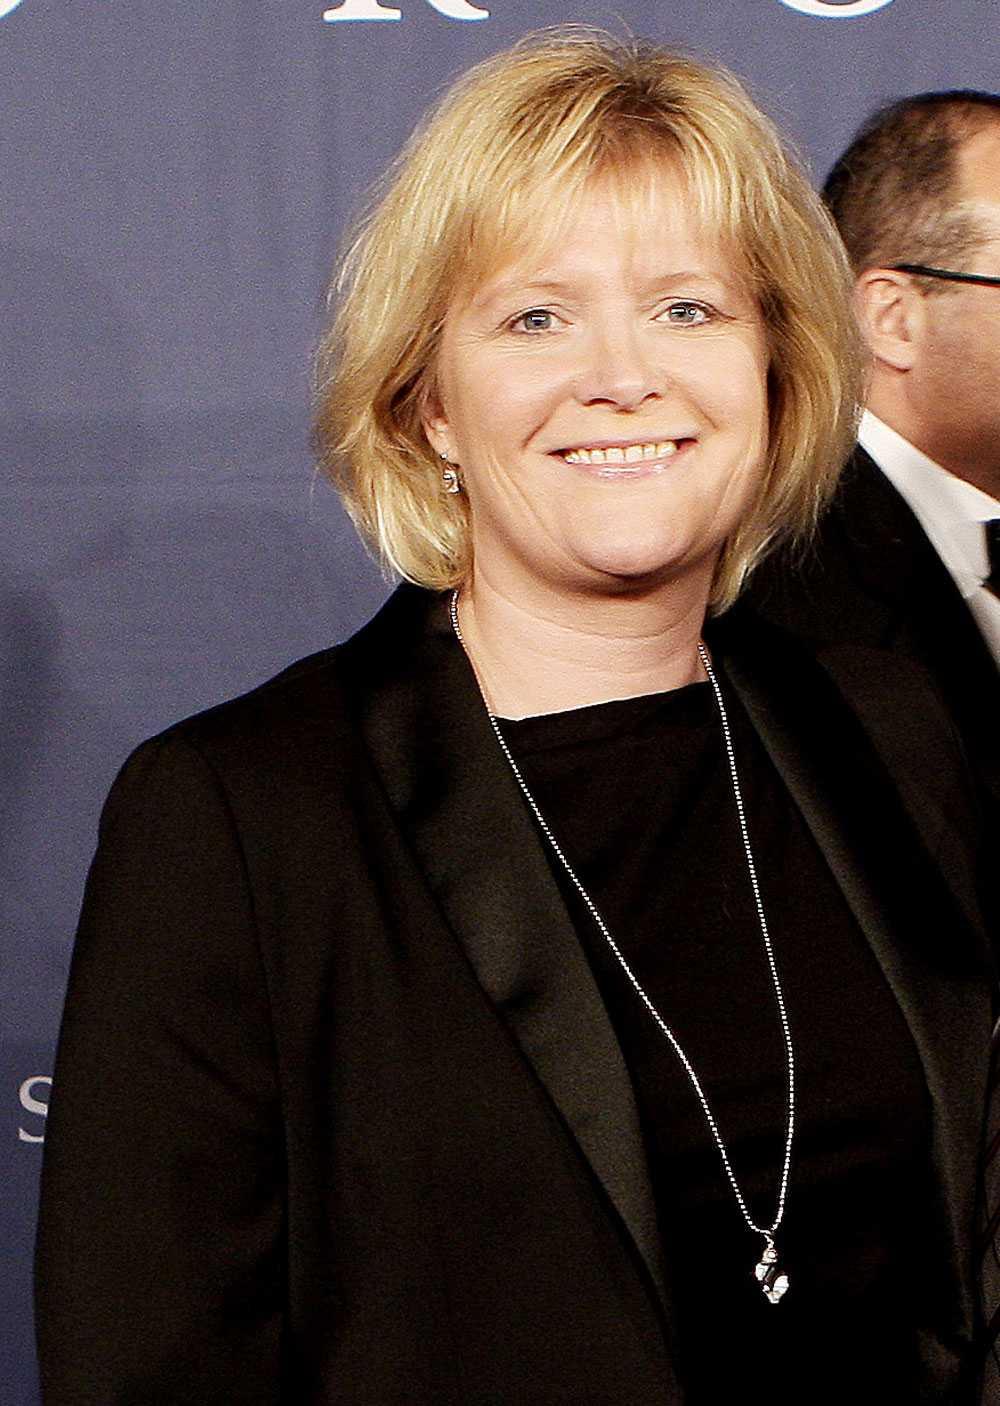 Det var i november 2008 som Ulf Elfving intervjuade den före detta ministern Ulrica Messing. Under programmet berättade hon om livet efter politiken – och sitt nya entreprenörskap.